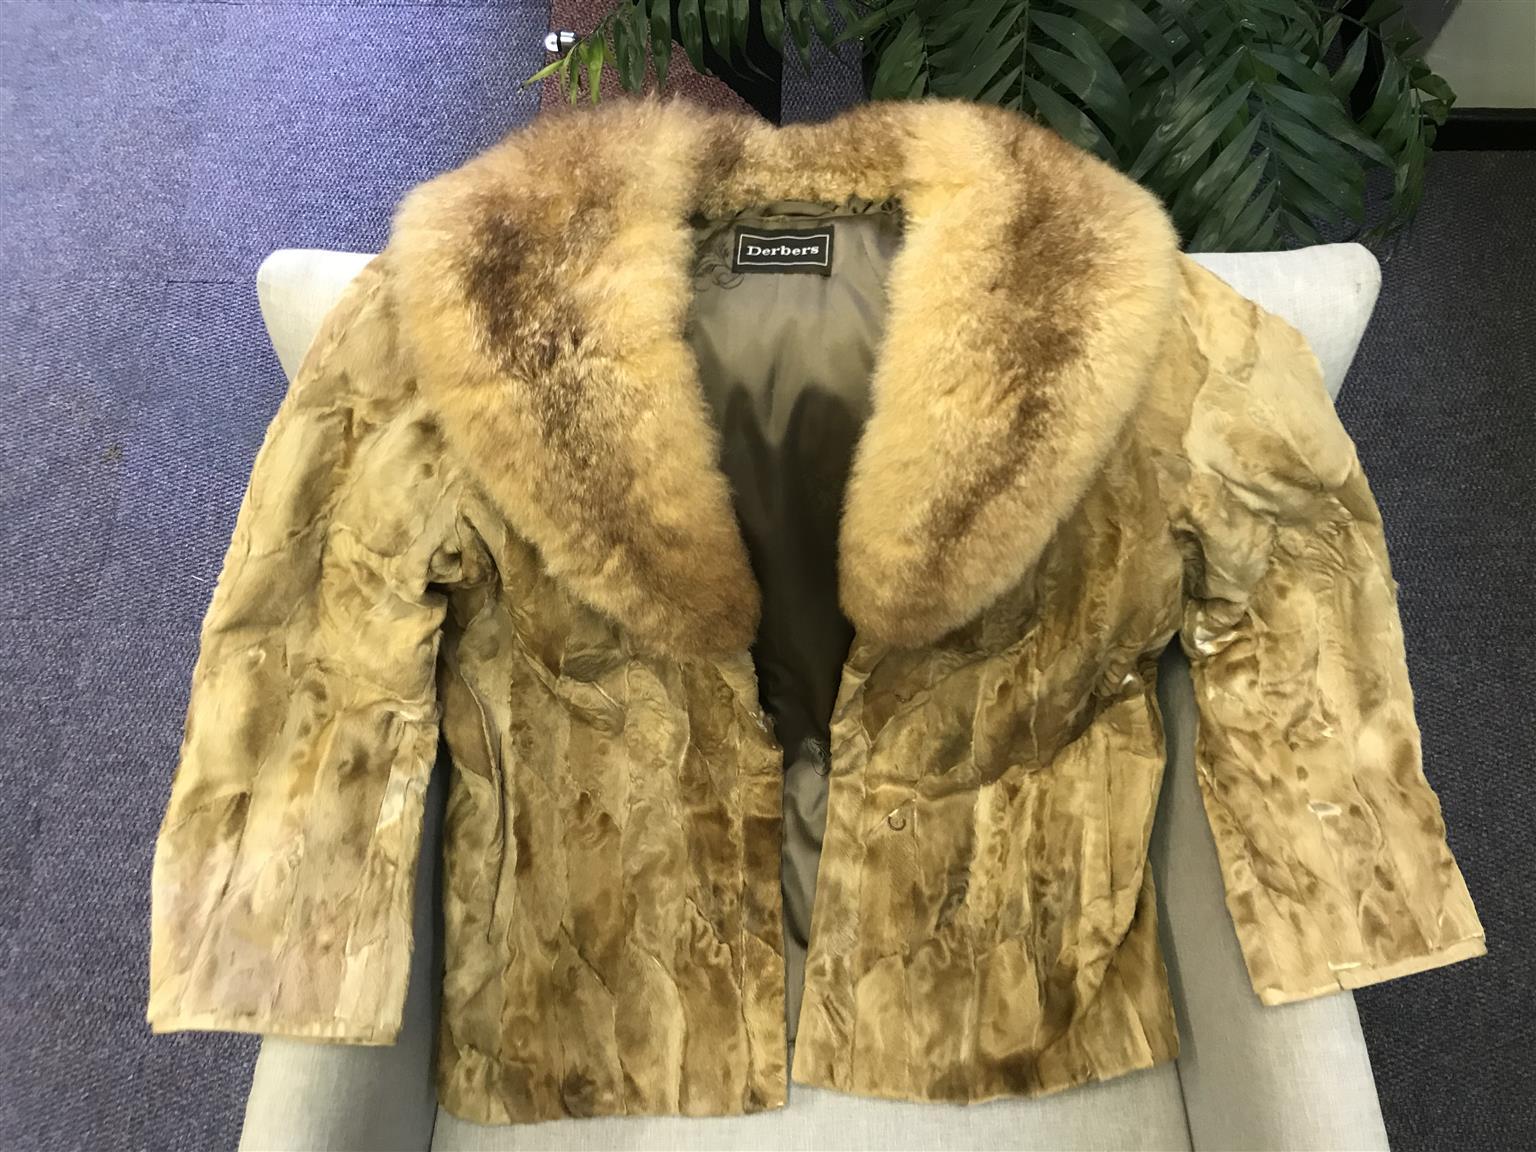 Dark beige swakara paw jacket with opposum collar